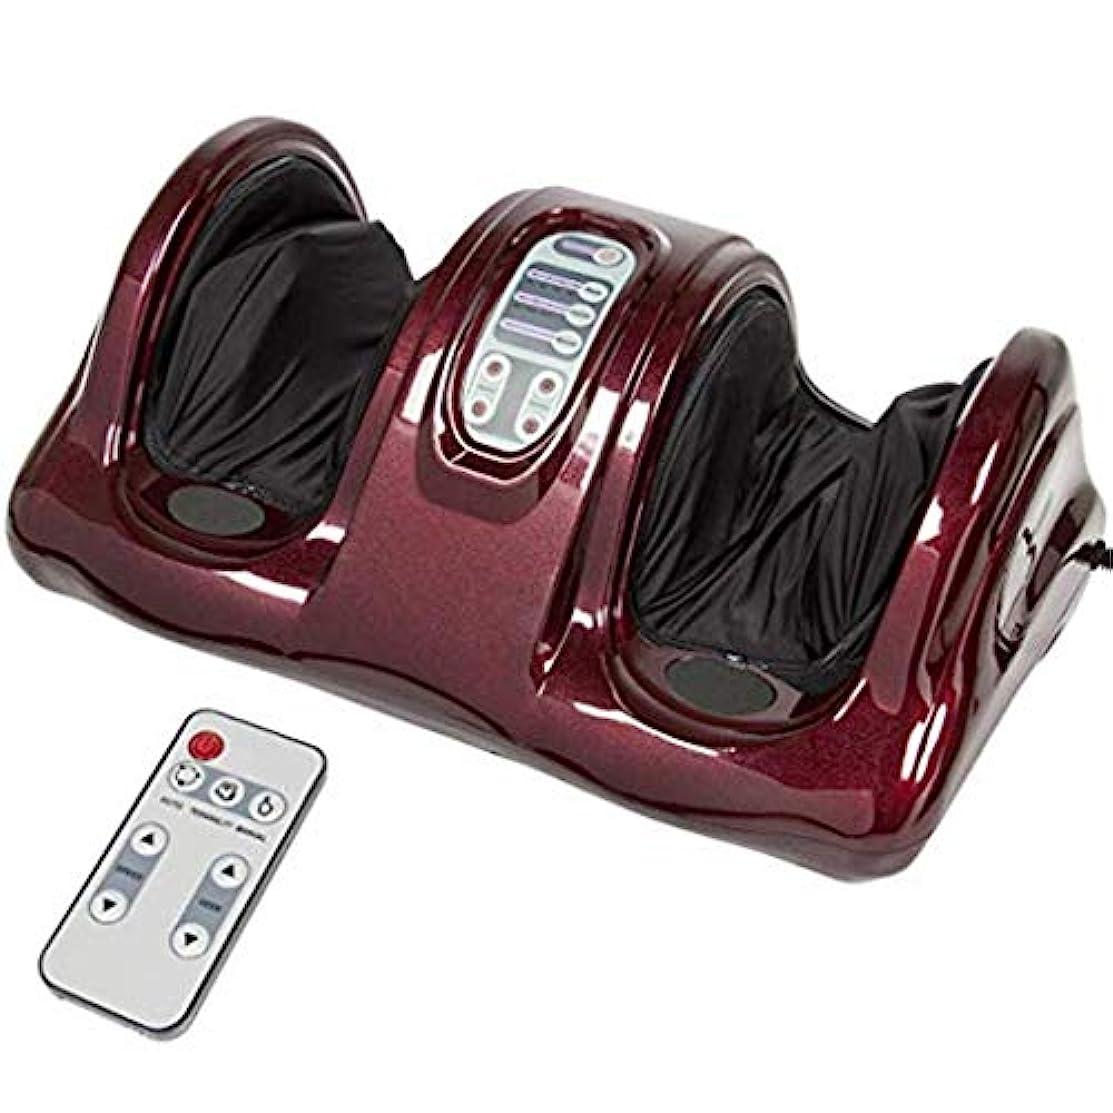 制裁模索模索電動足裏マッサージ器、加熱/指圧/混練/振動マッサージ、機械リフレクソロジー、ストレス緩和/痛み、血液循環を促進